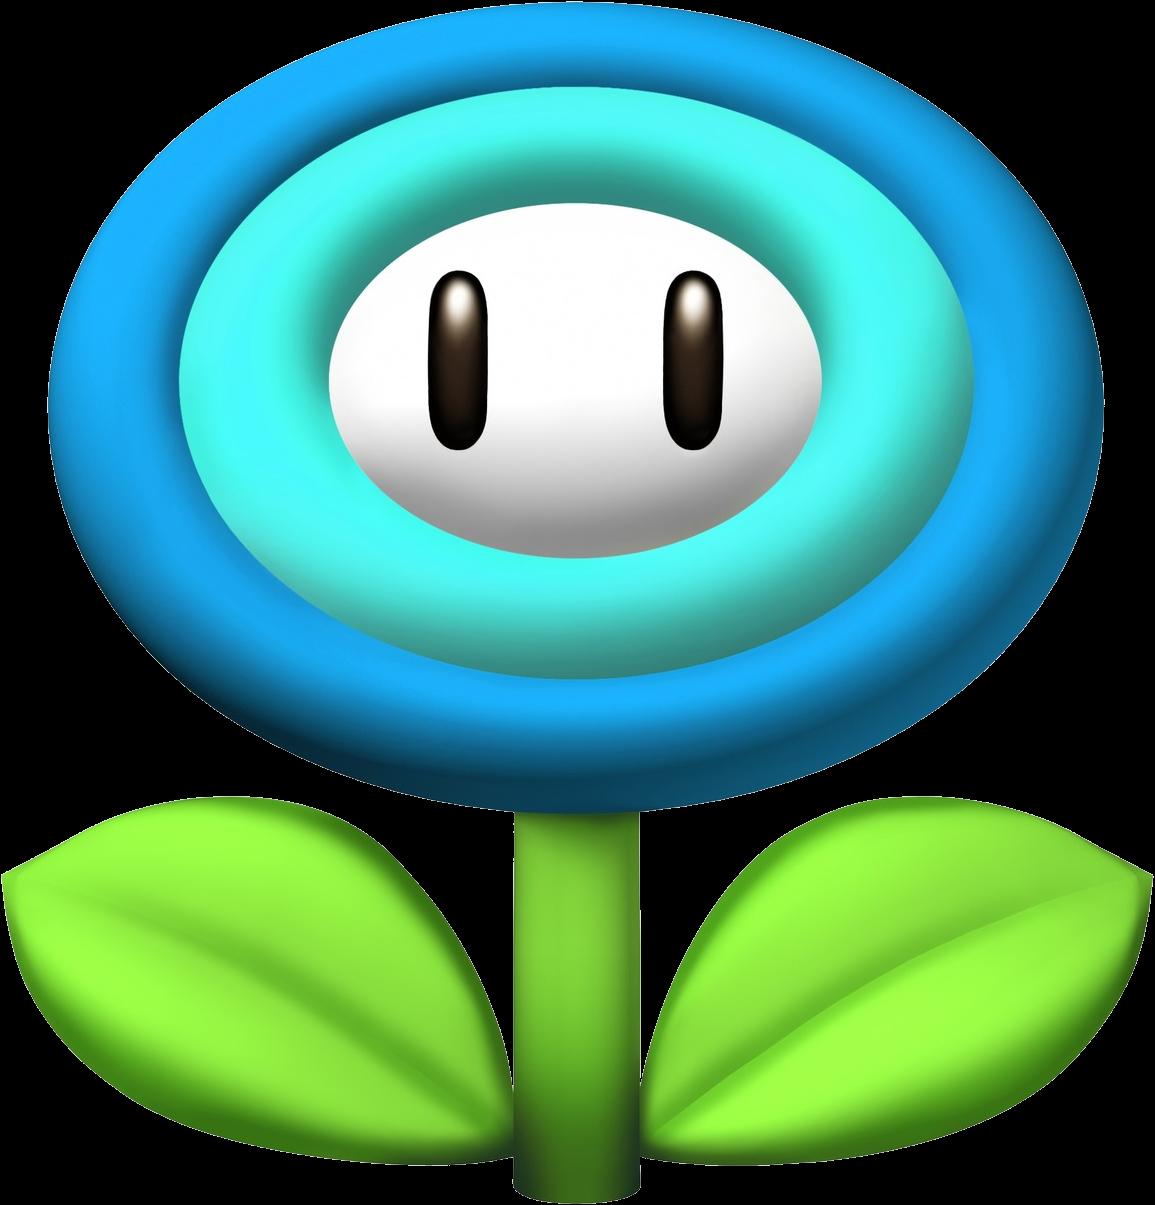 Ice Flower | MarioWiki | Fandom powered by Wikia